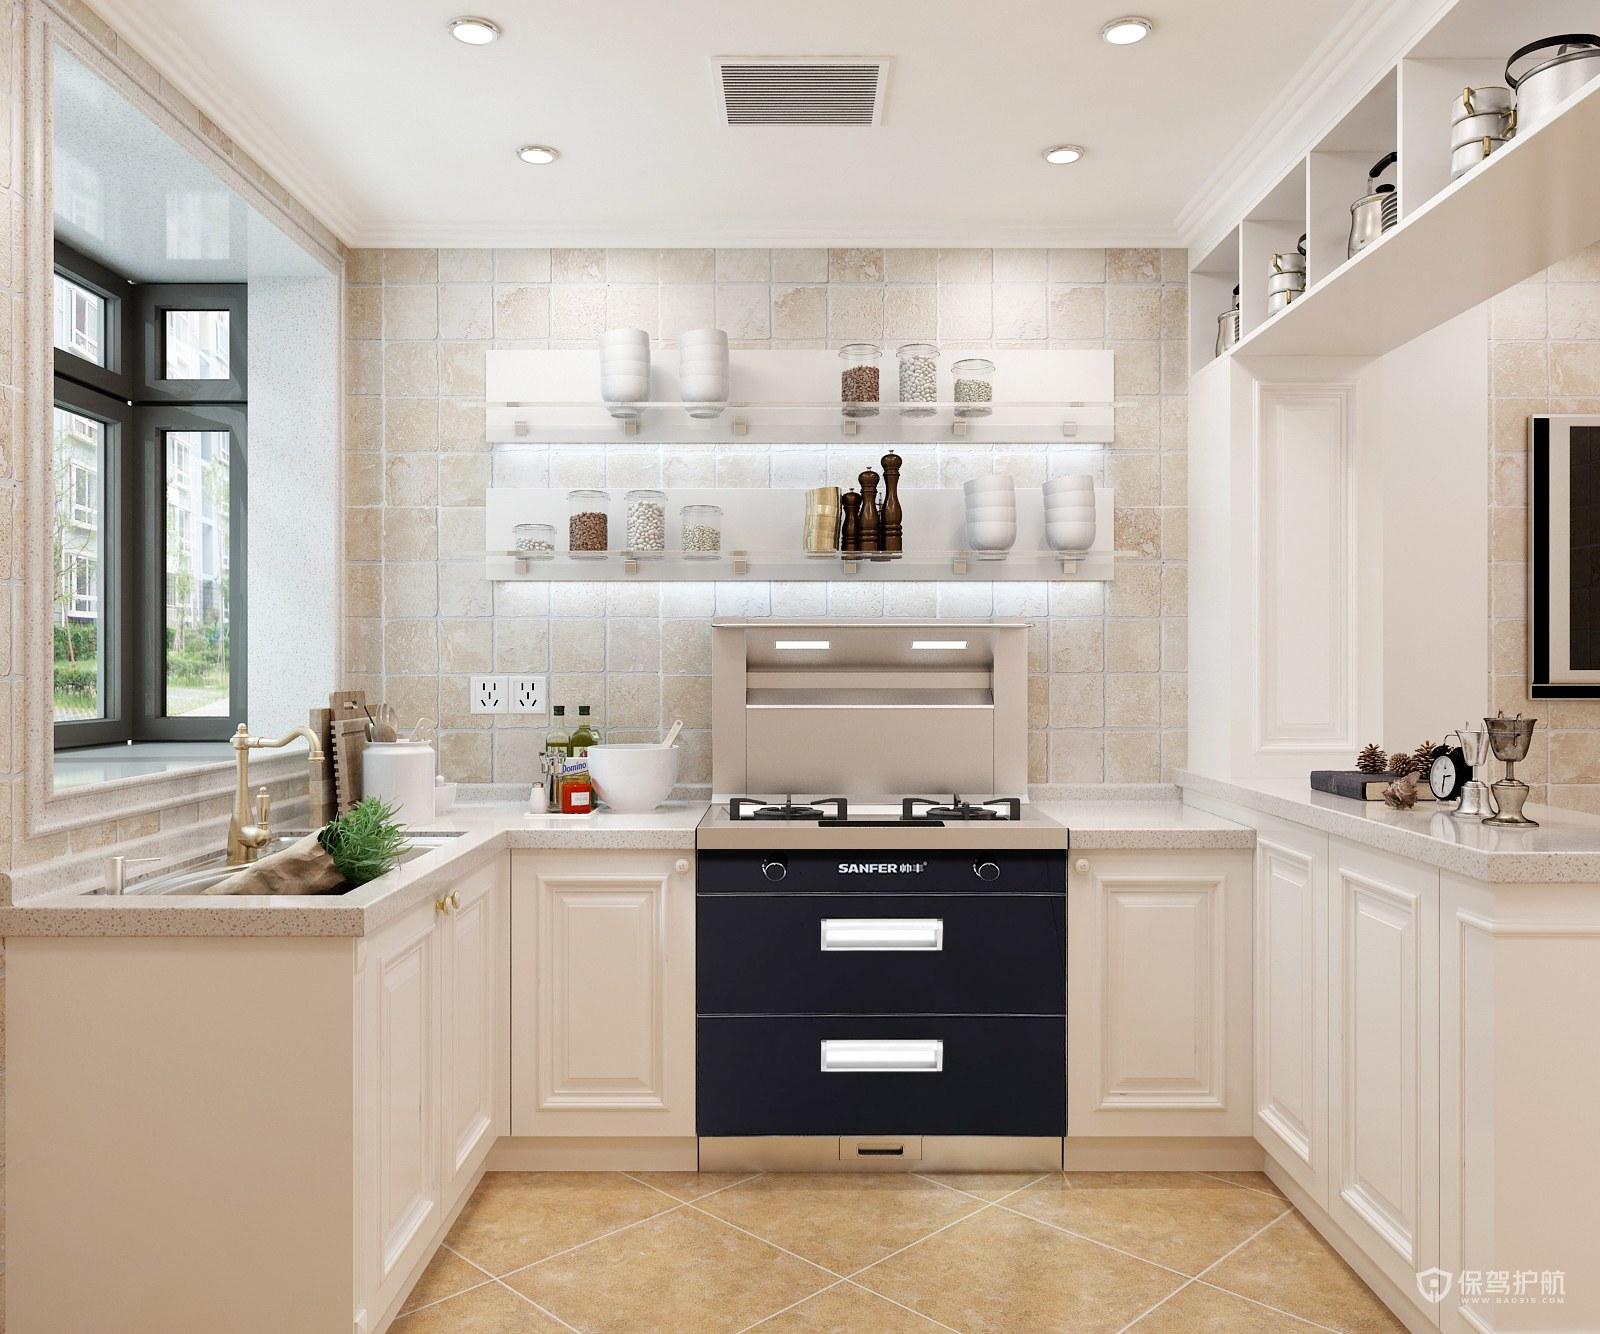 厨房设计规范有哪些?厨房怎么装修最好?